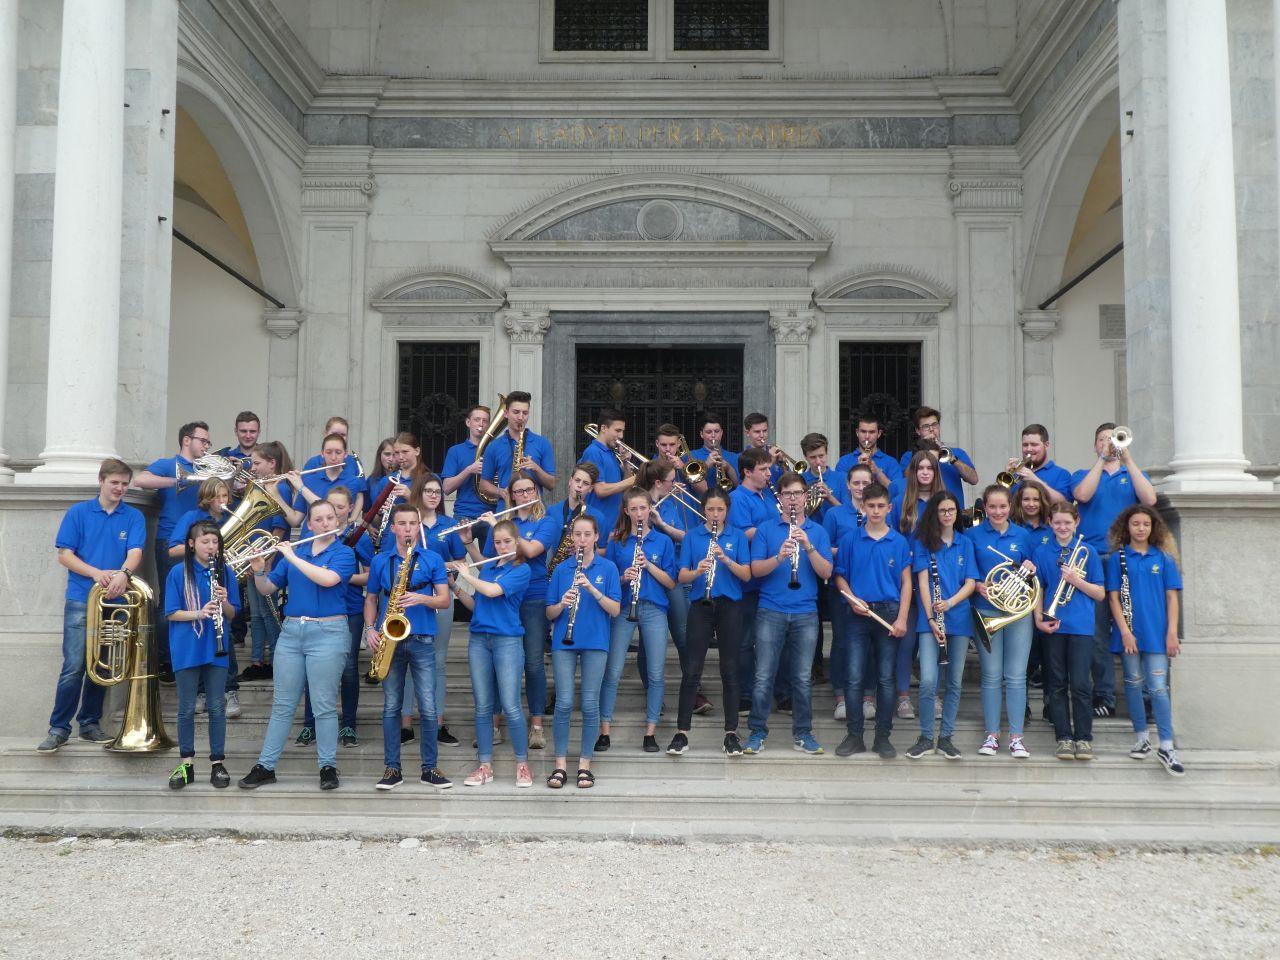 Jongerenorkest Waldkirch uit het Zwarte Woud (Foto aangeleverd)